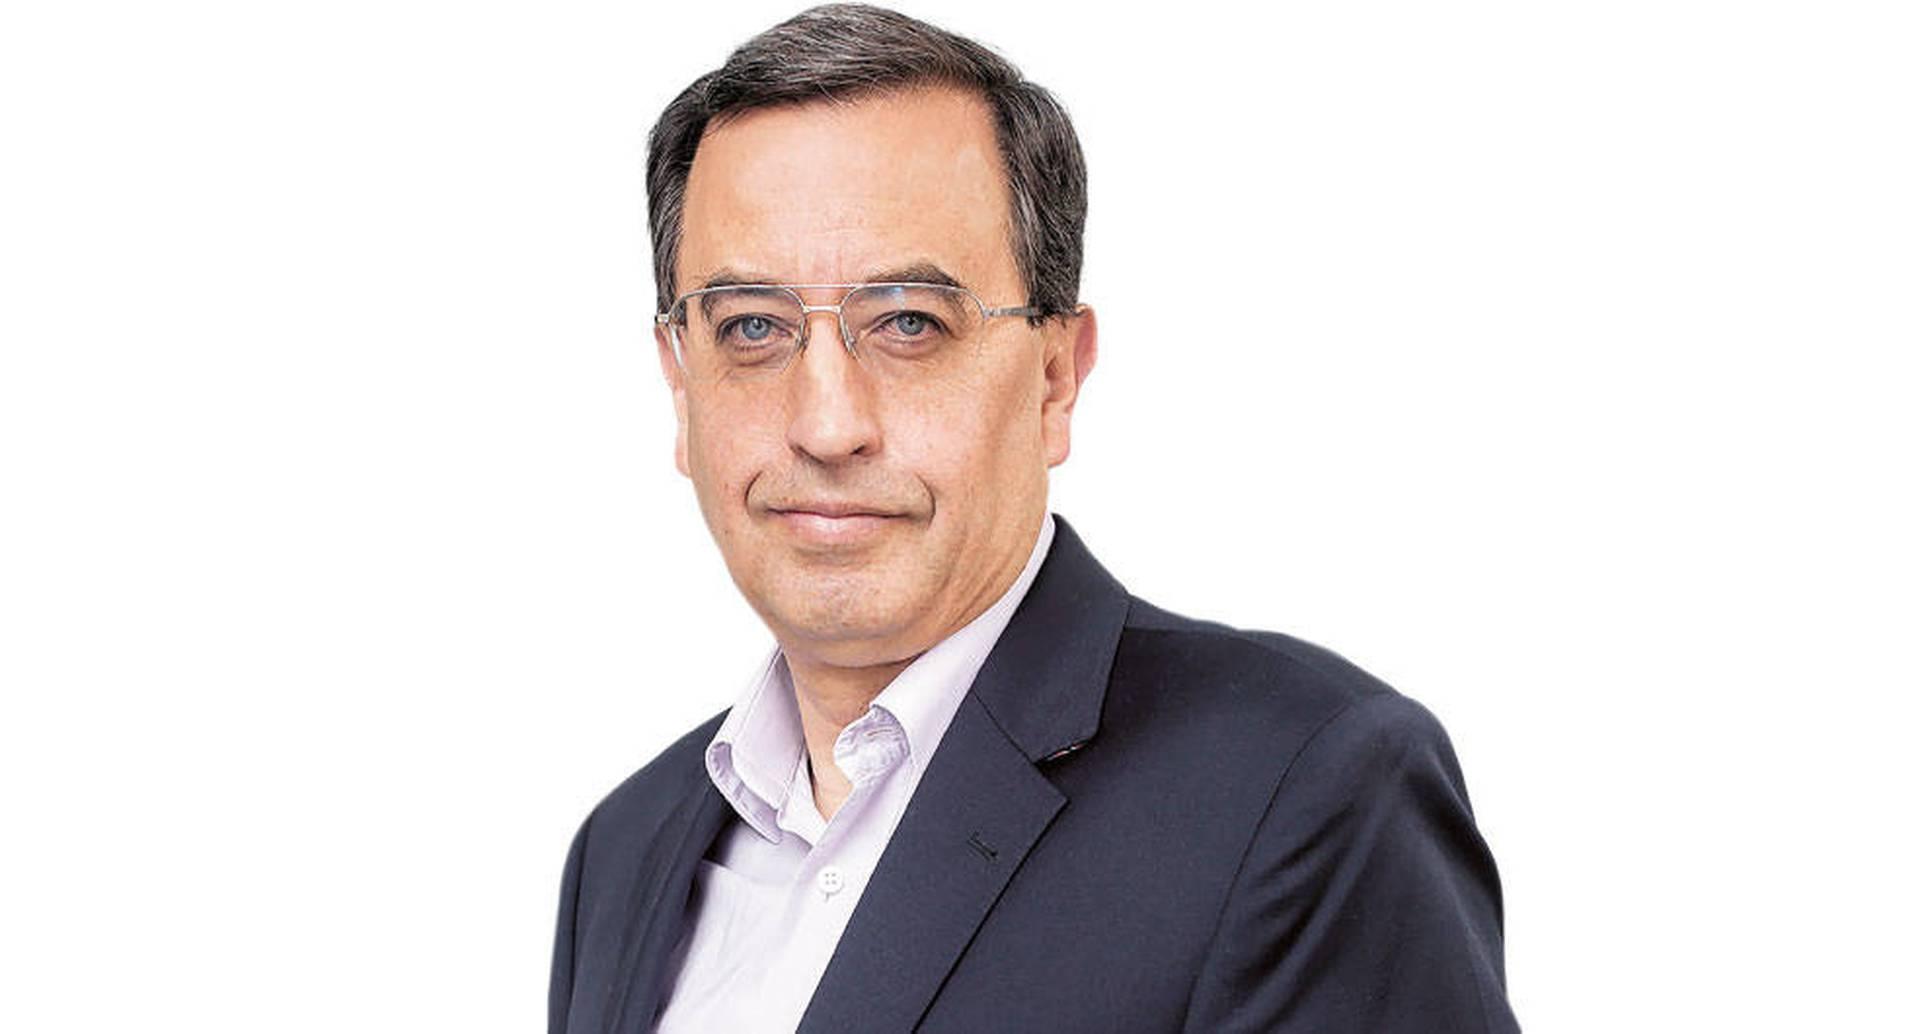 Habla José Elías Melo expresidente de Corficolombiana preso por caso Odebrecht